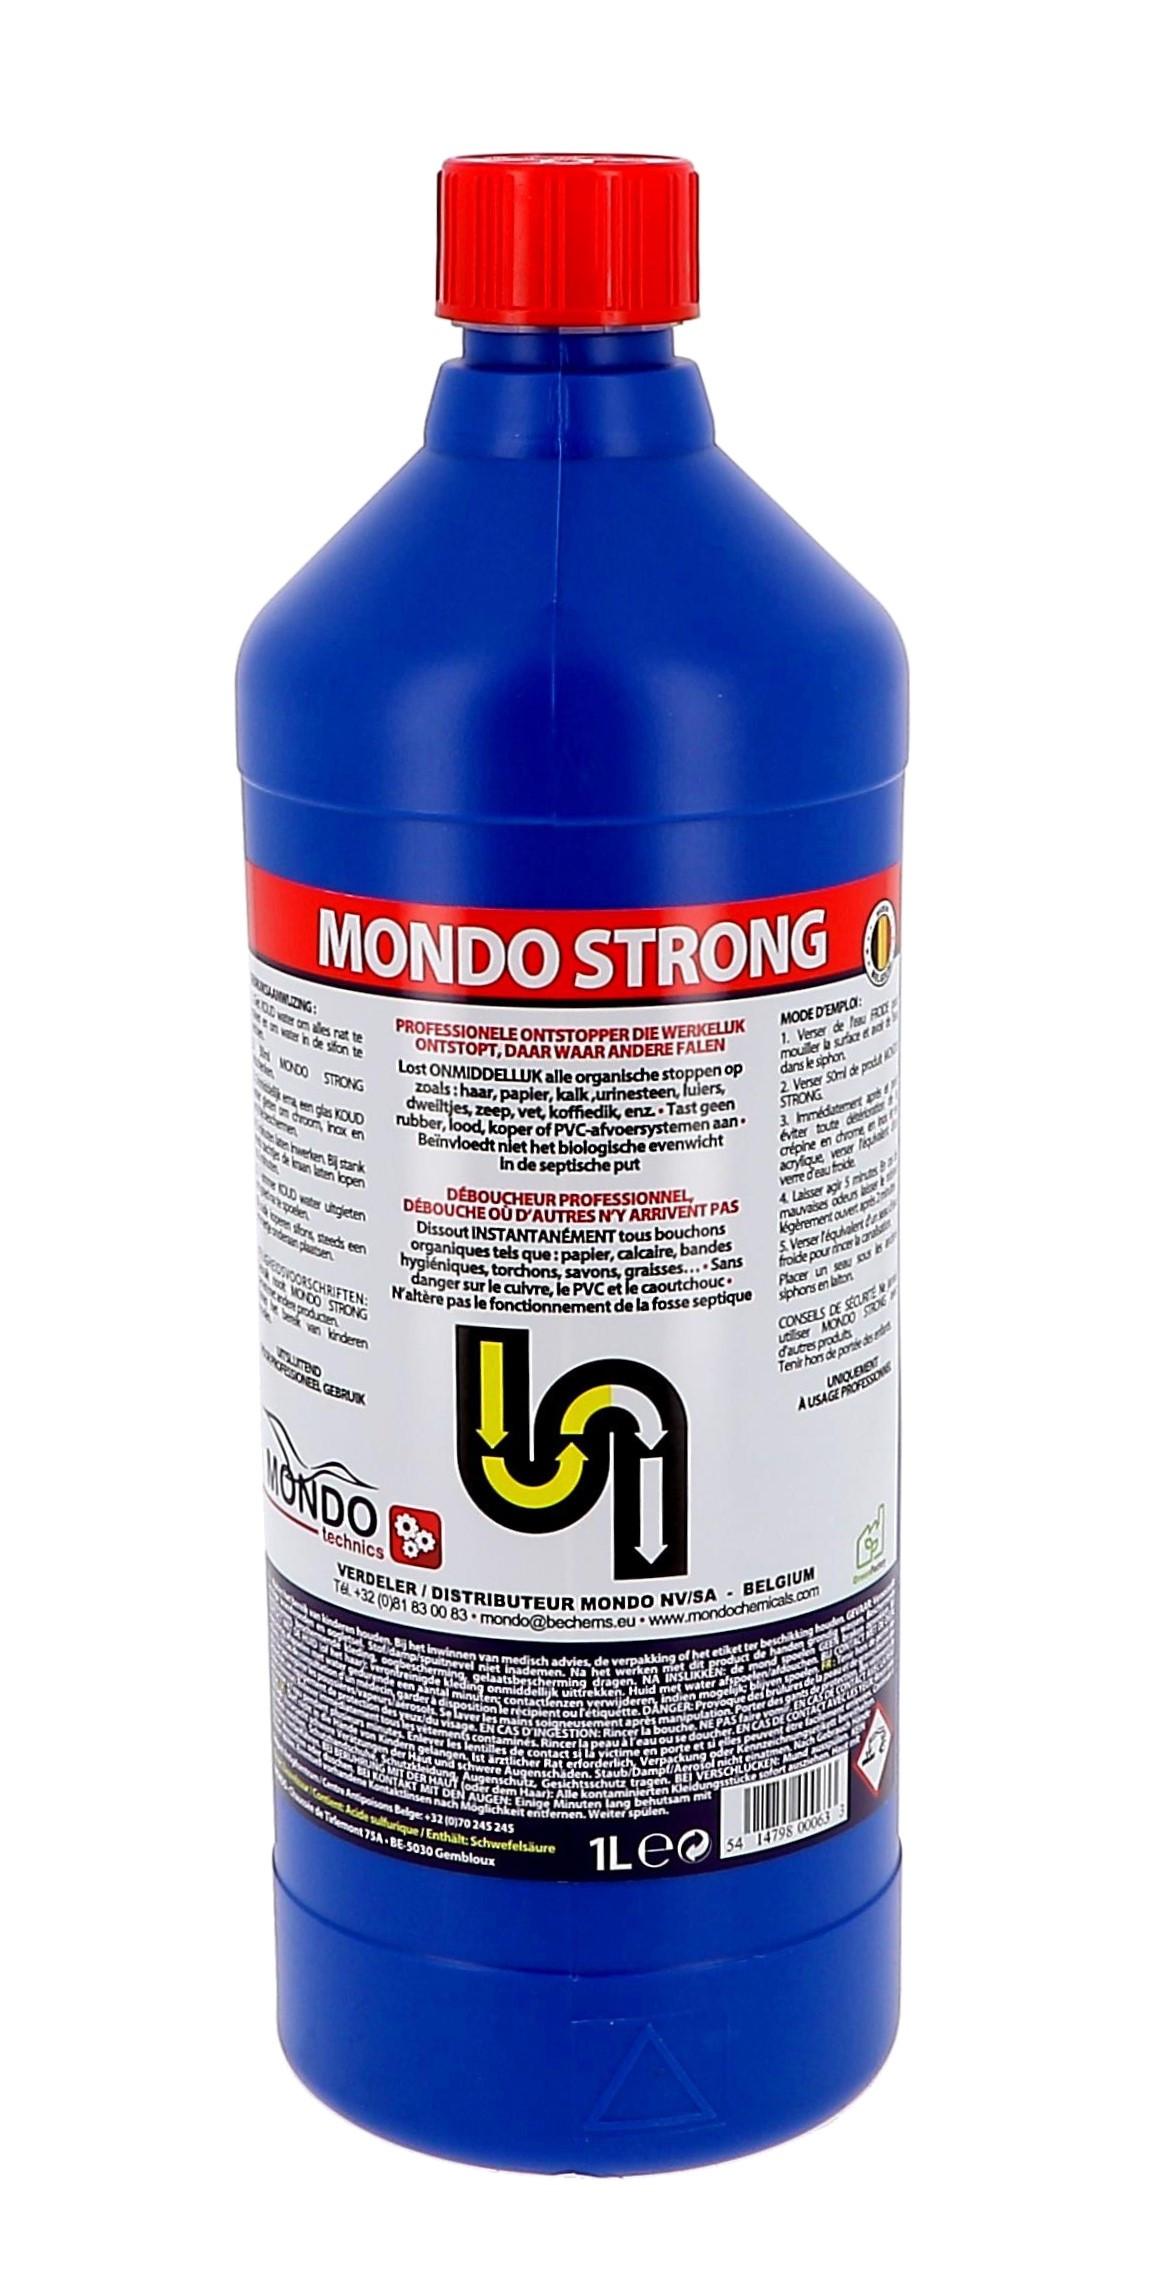 Mondo Strong 1L déboucheur industriel puissant